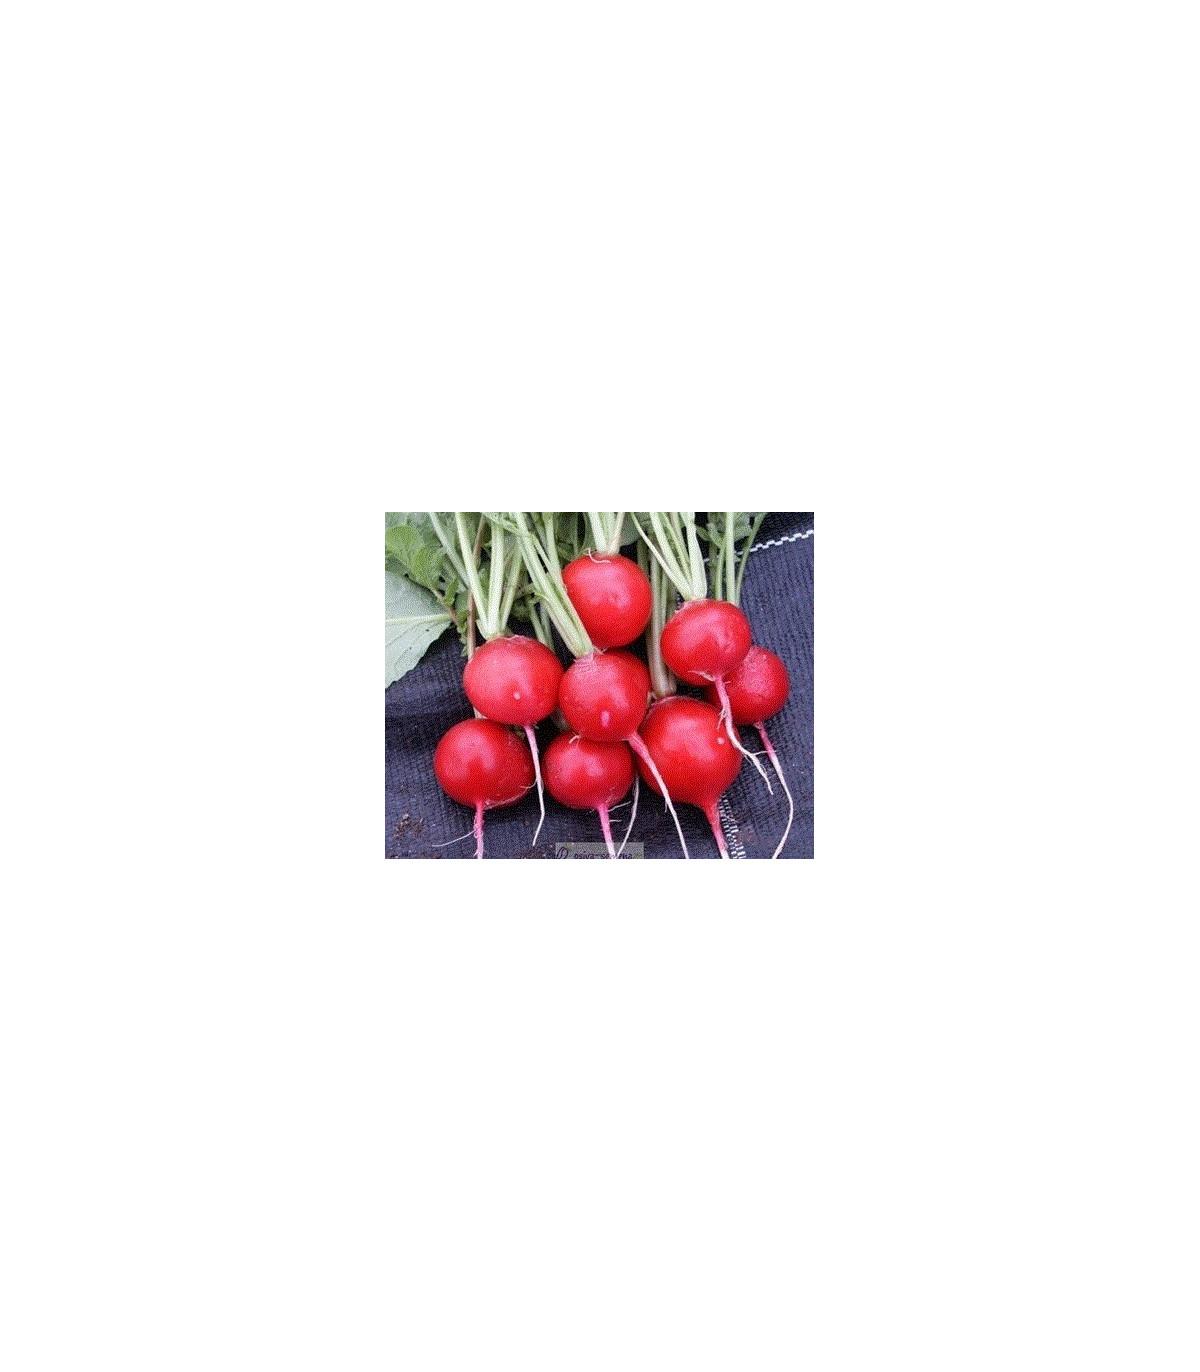 Reďkovka červená guľatá - Carnita - predaj semien reďkovky - 50ks